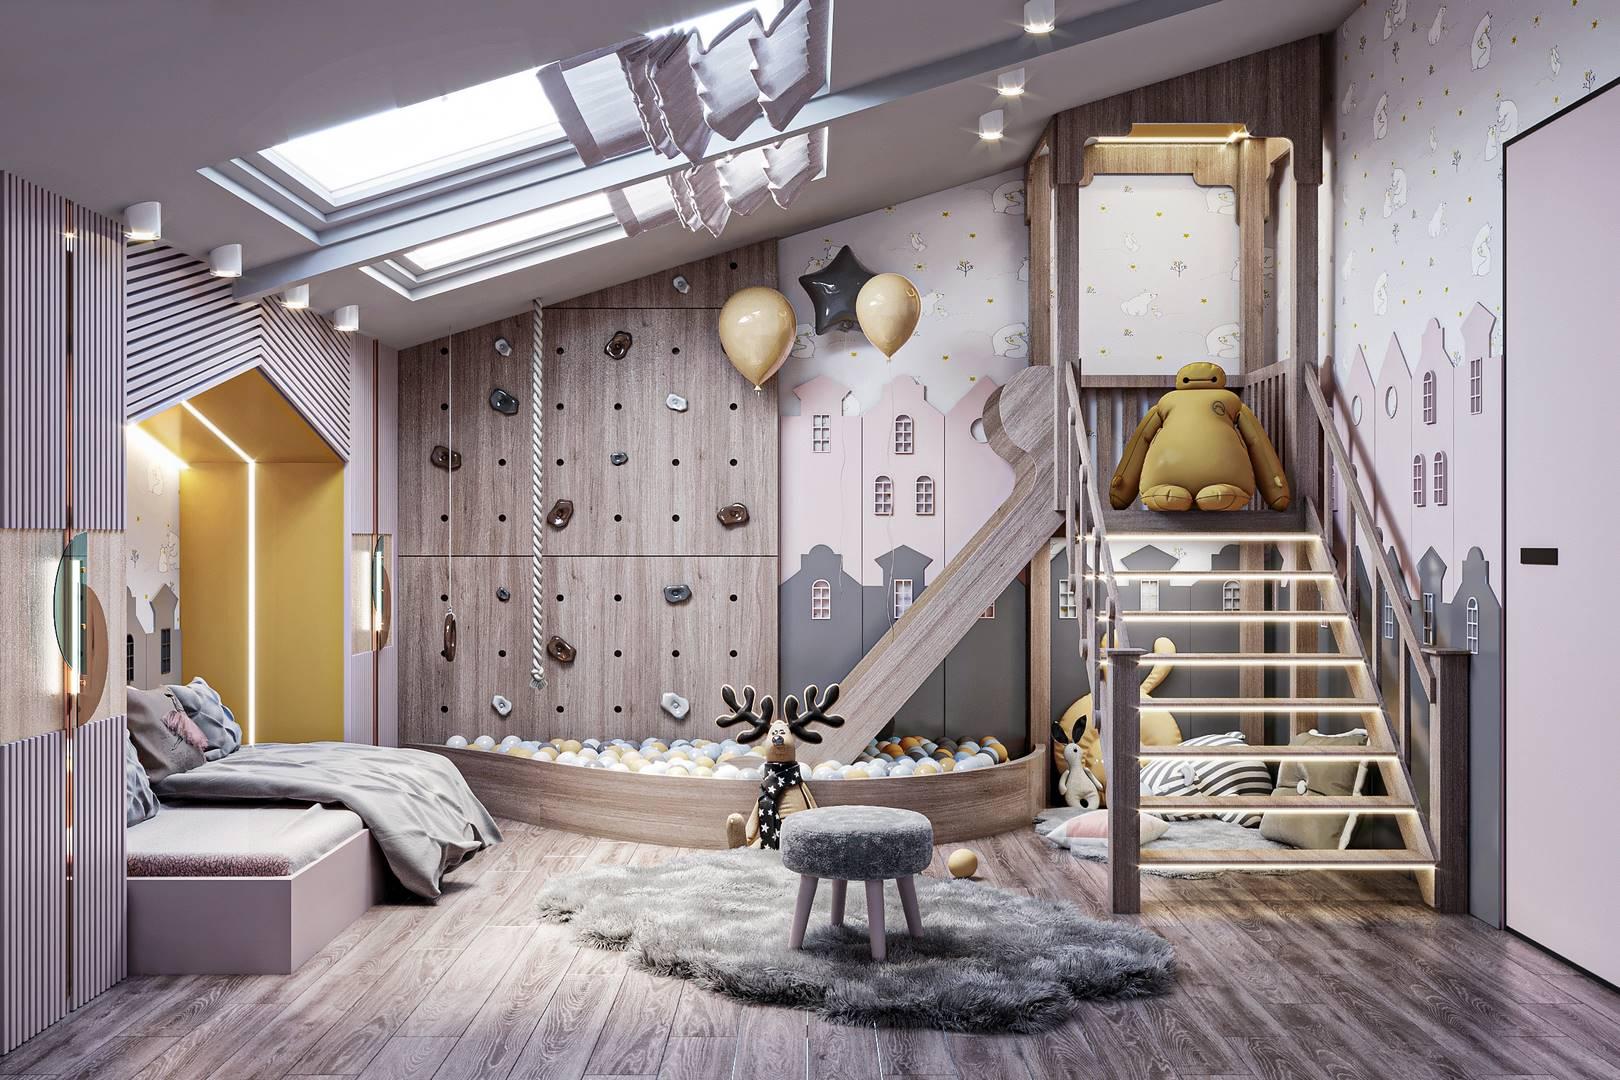 Suadiye daire çocuk odası tasarımı